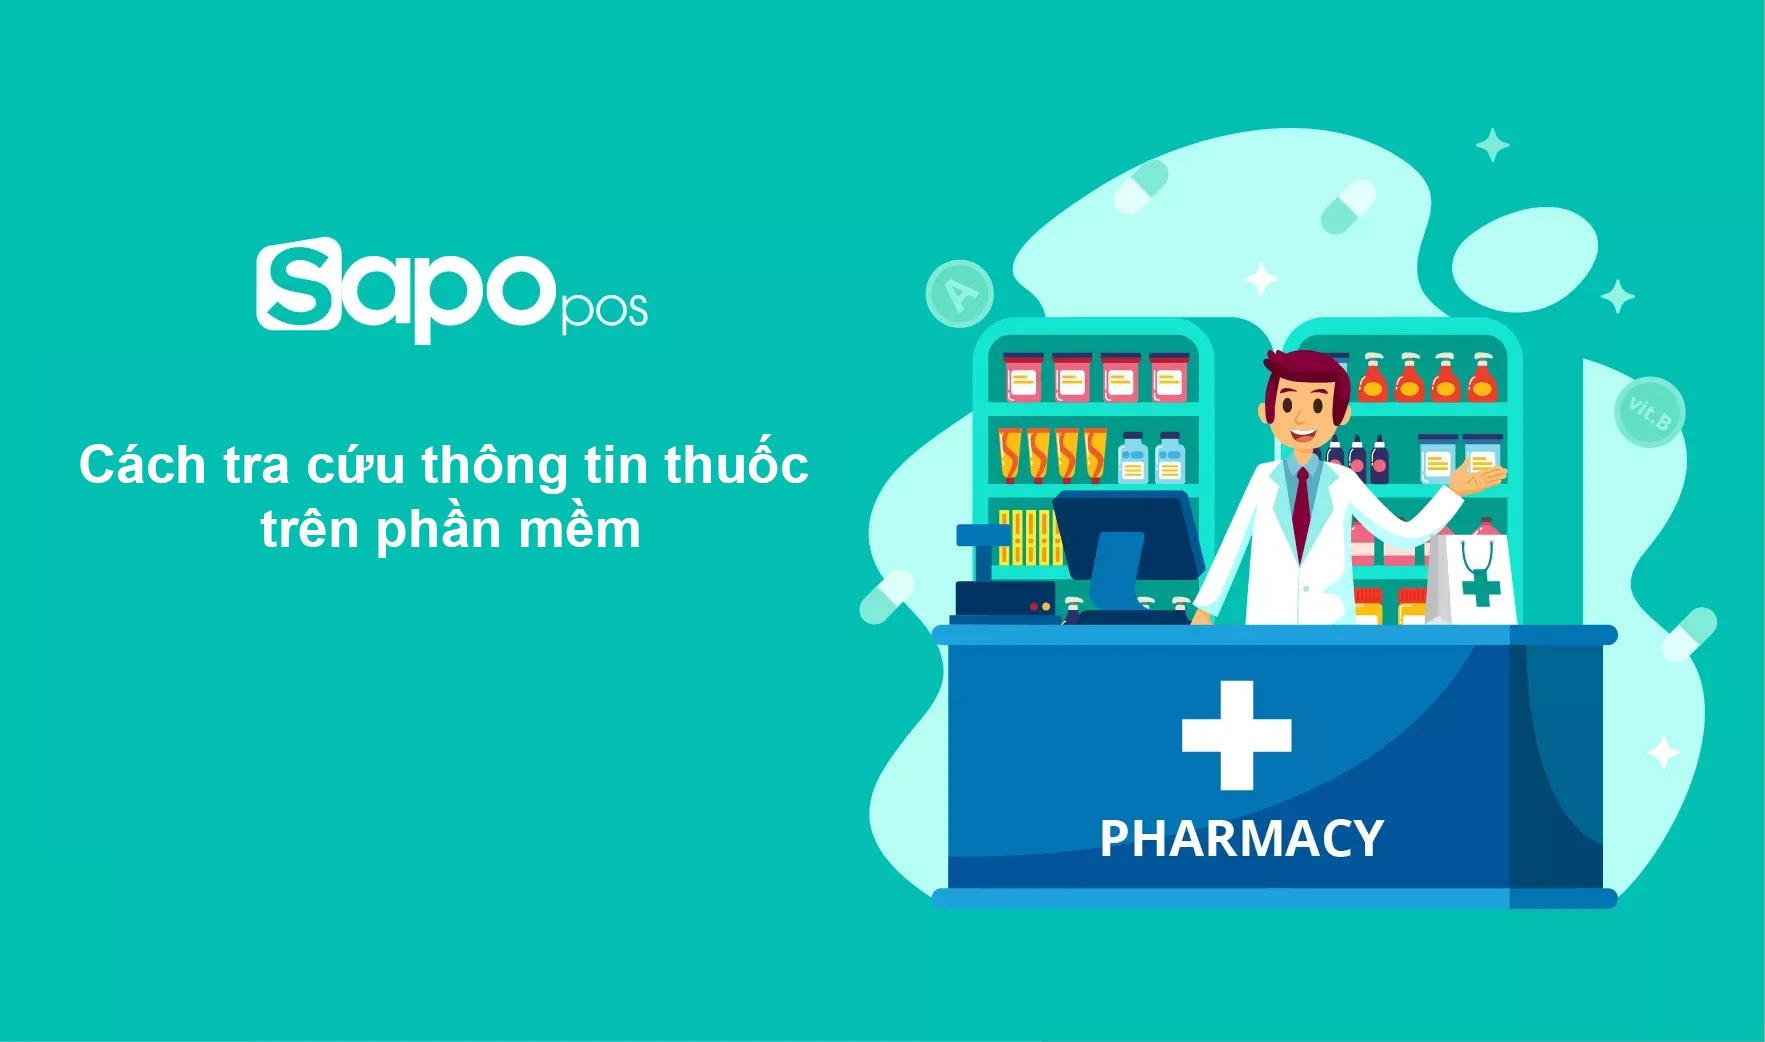 Cách tra cứu thông tin thuốc trên phần mềm Sapo POS